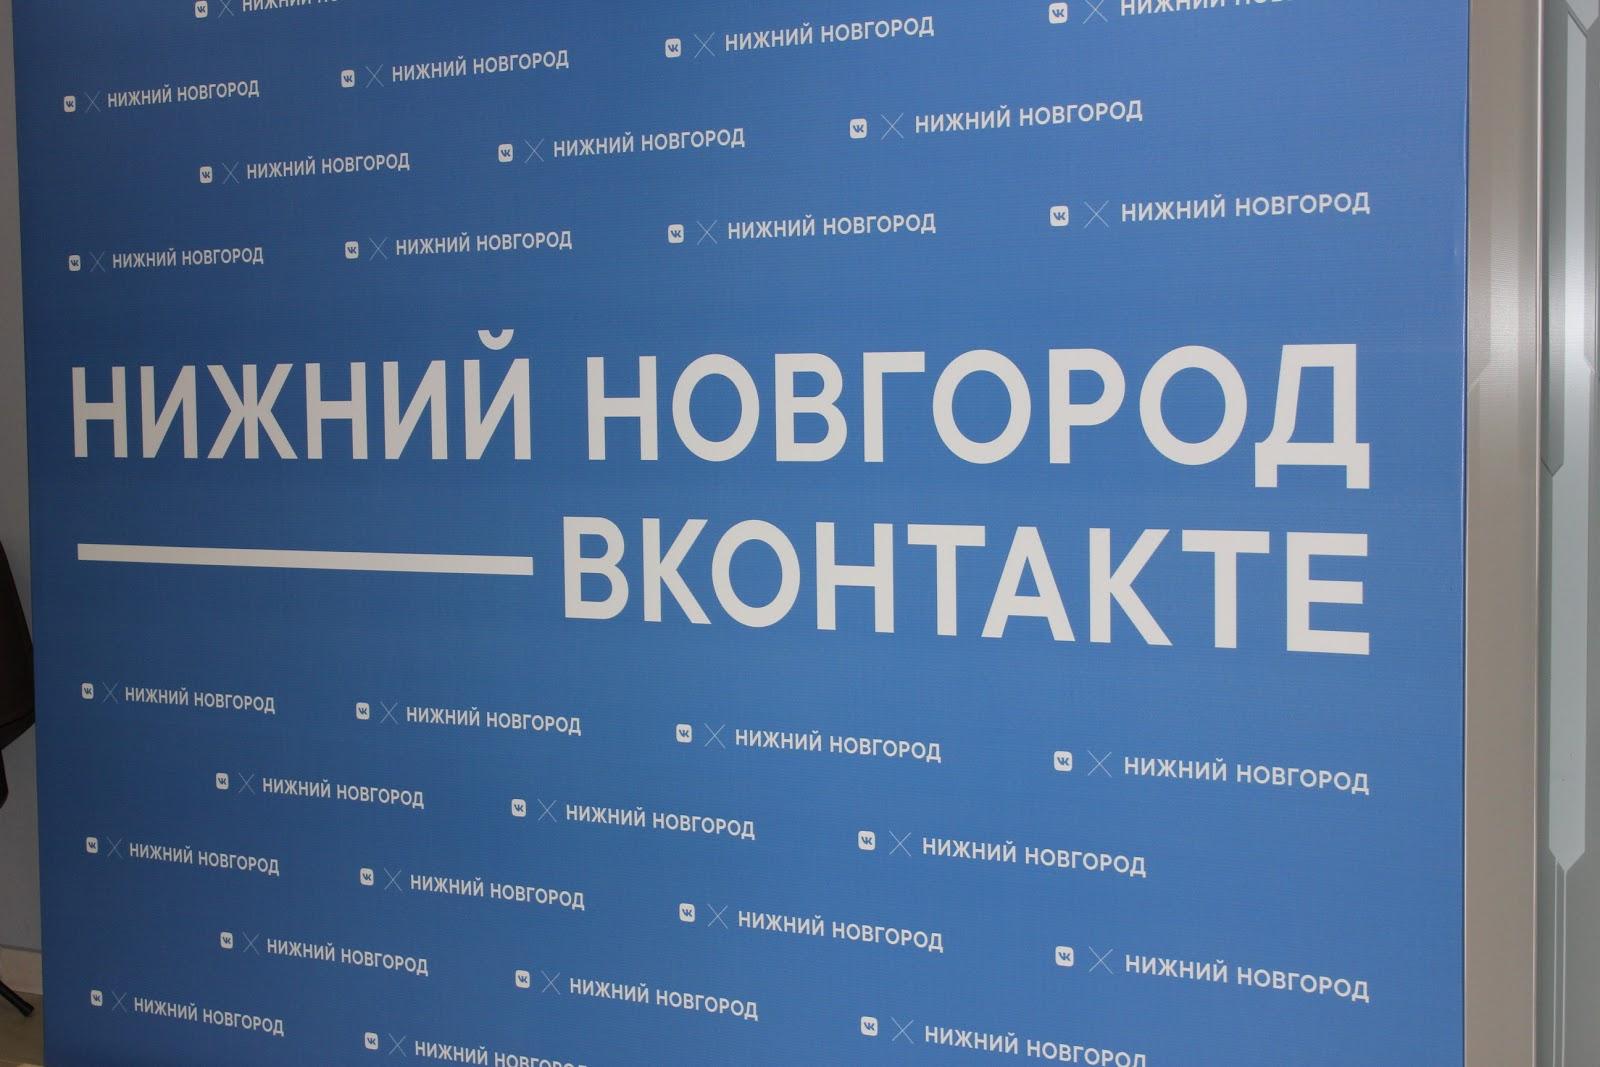 #ВНижнем — ВКонтакте открыл представительство в Нижнем Новгороде - 1